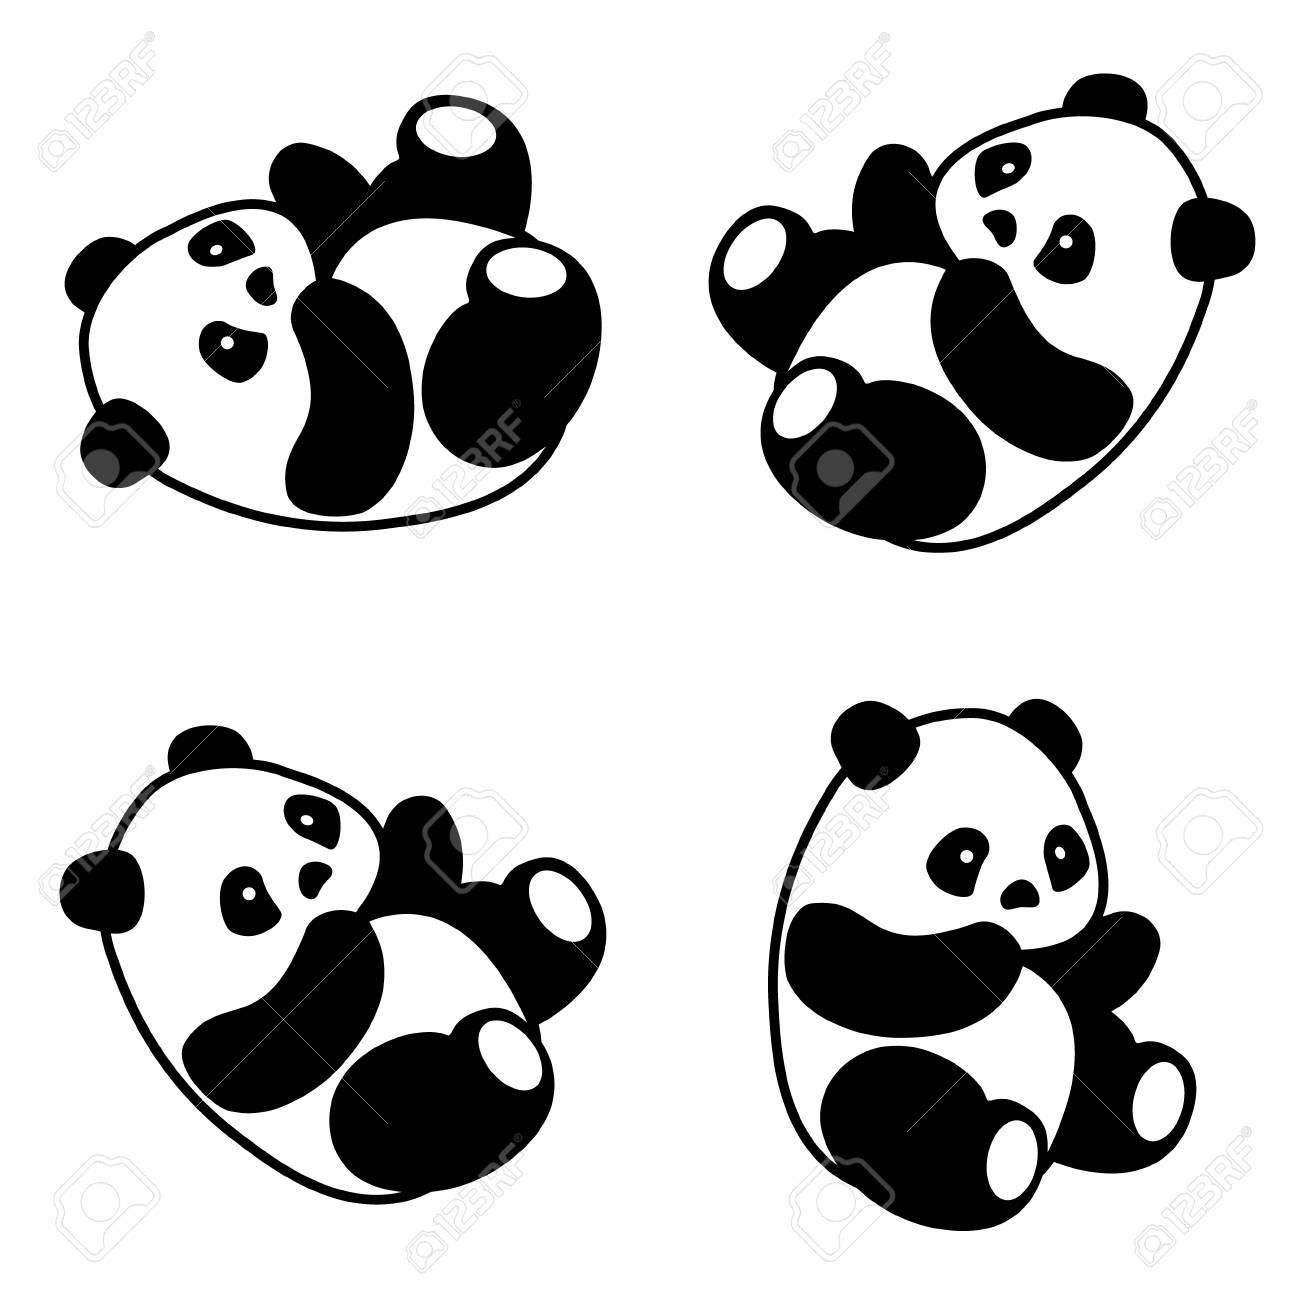 Vektor Illustration Cute Cartoon Asiatischen Panda Bär Gesetzt